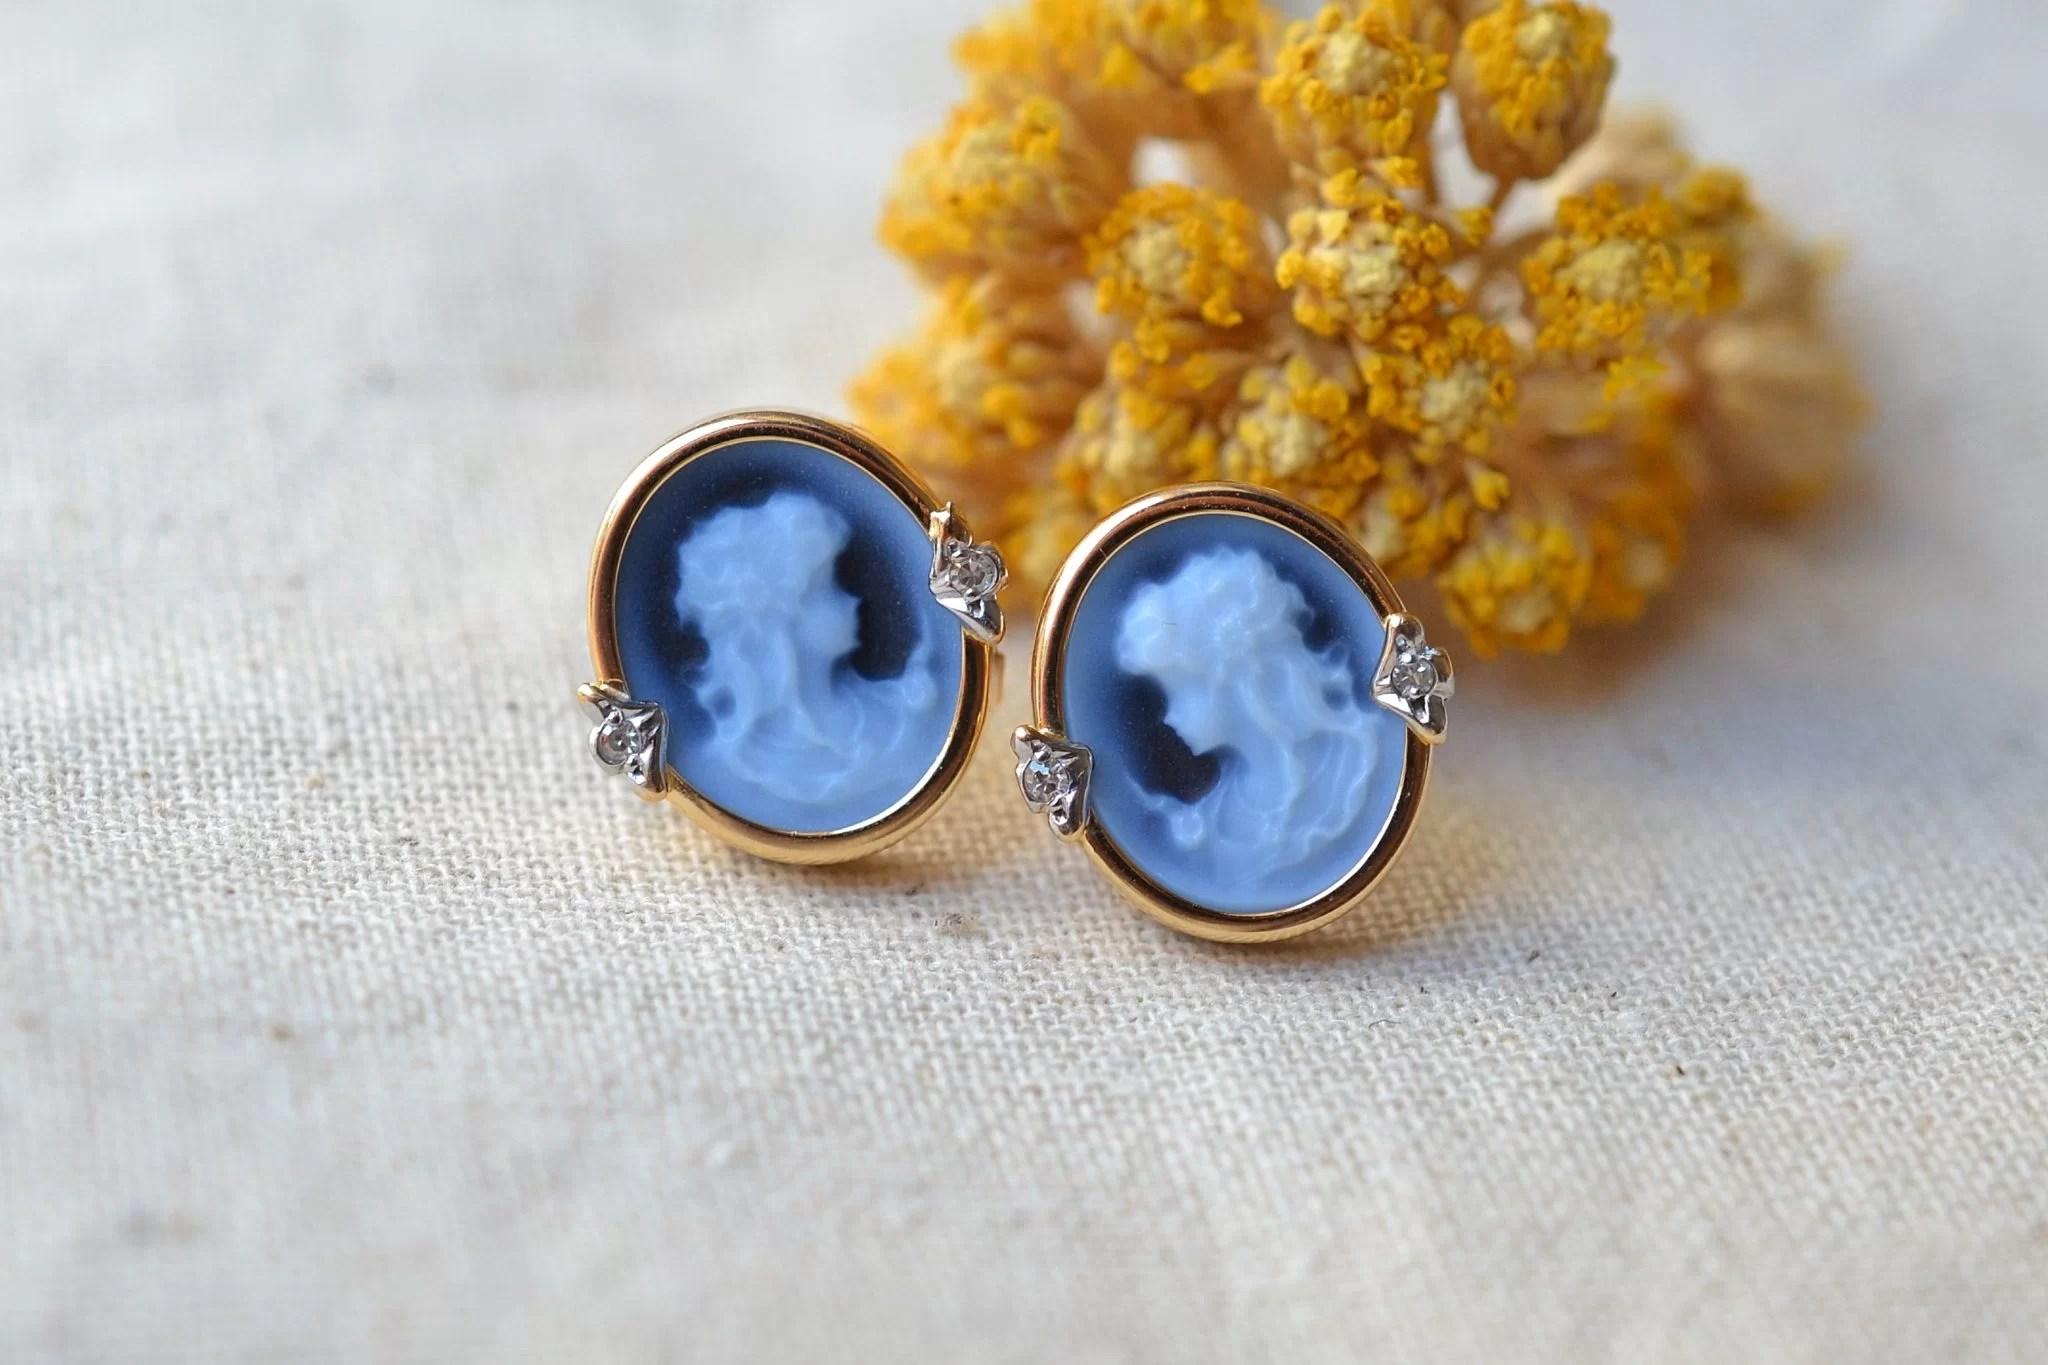 Paire de clous en Or jaune sertis de camées bleus - boucles d_oreilles de seconde main